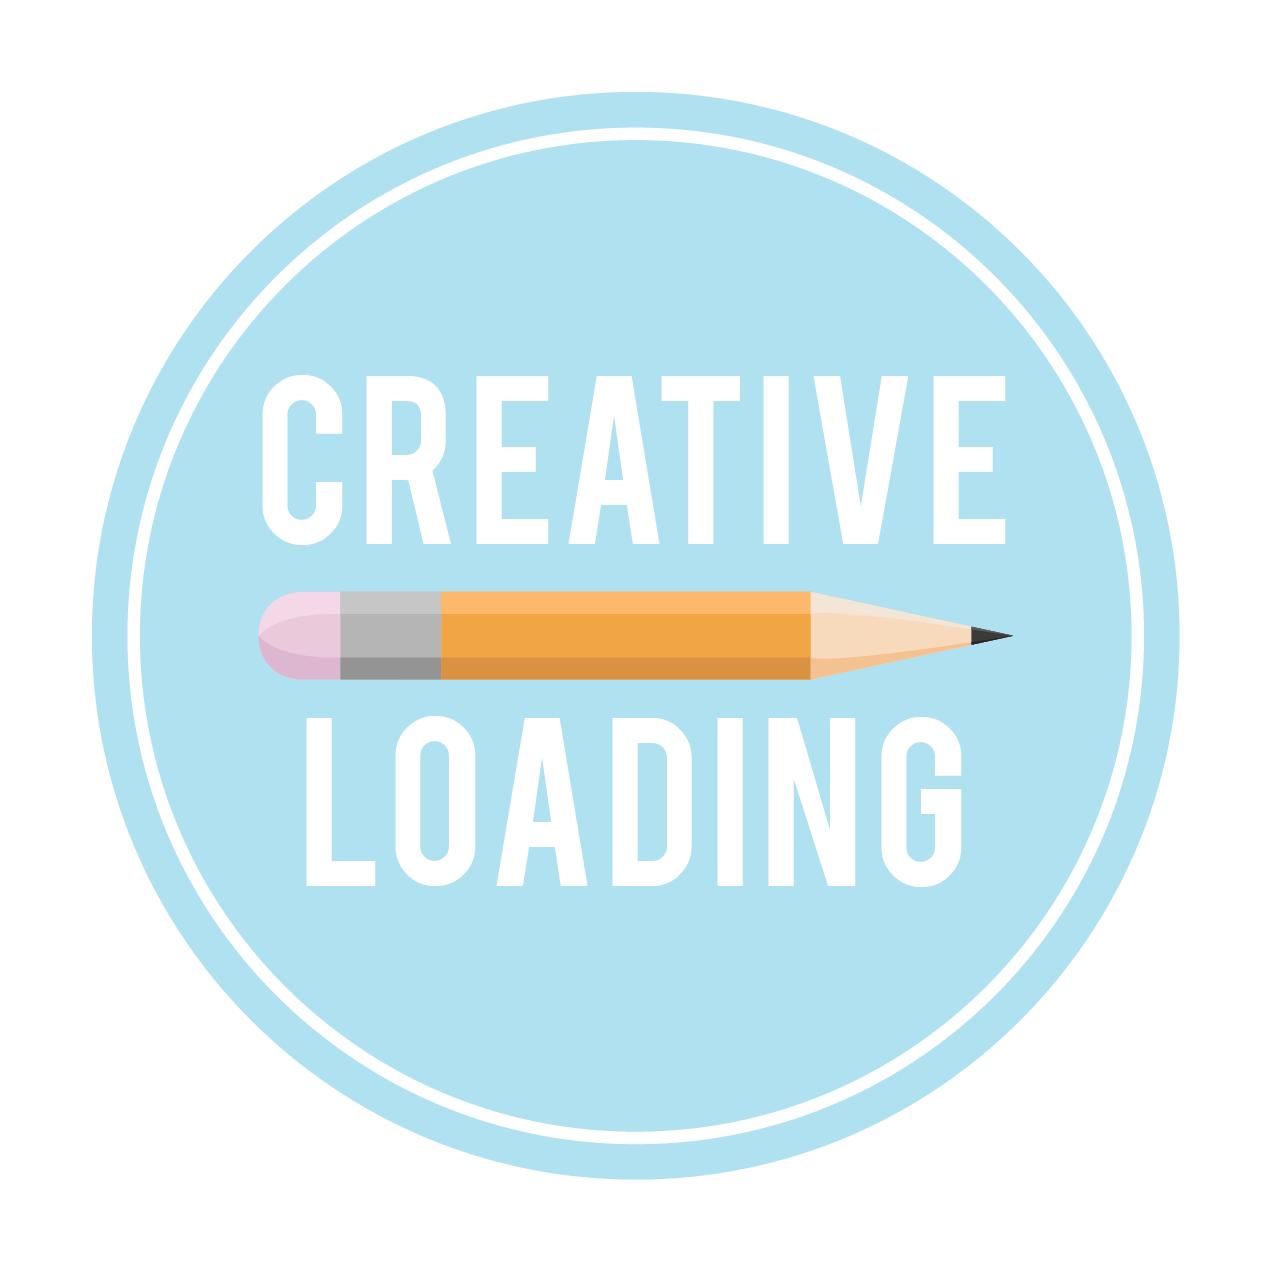 Creative Loading - Ryan Sandvik